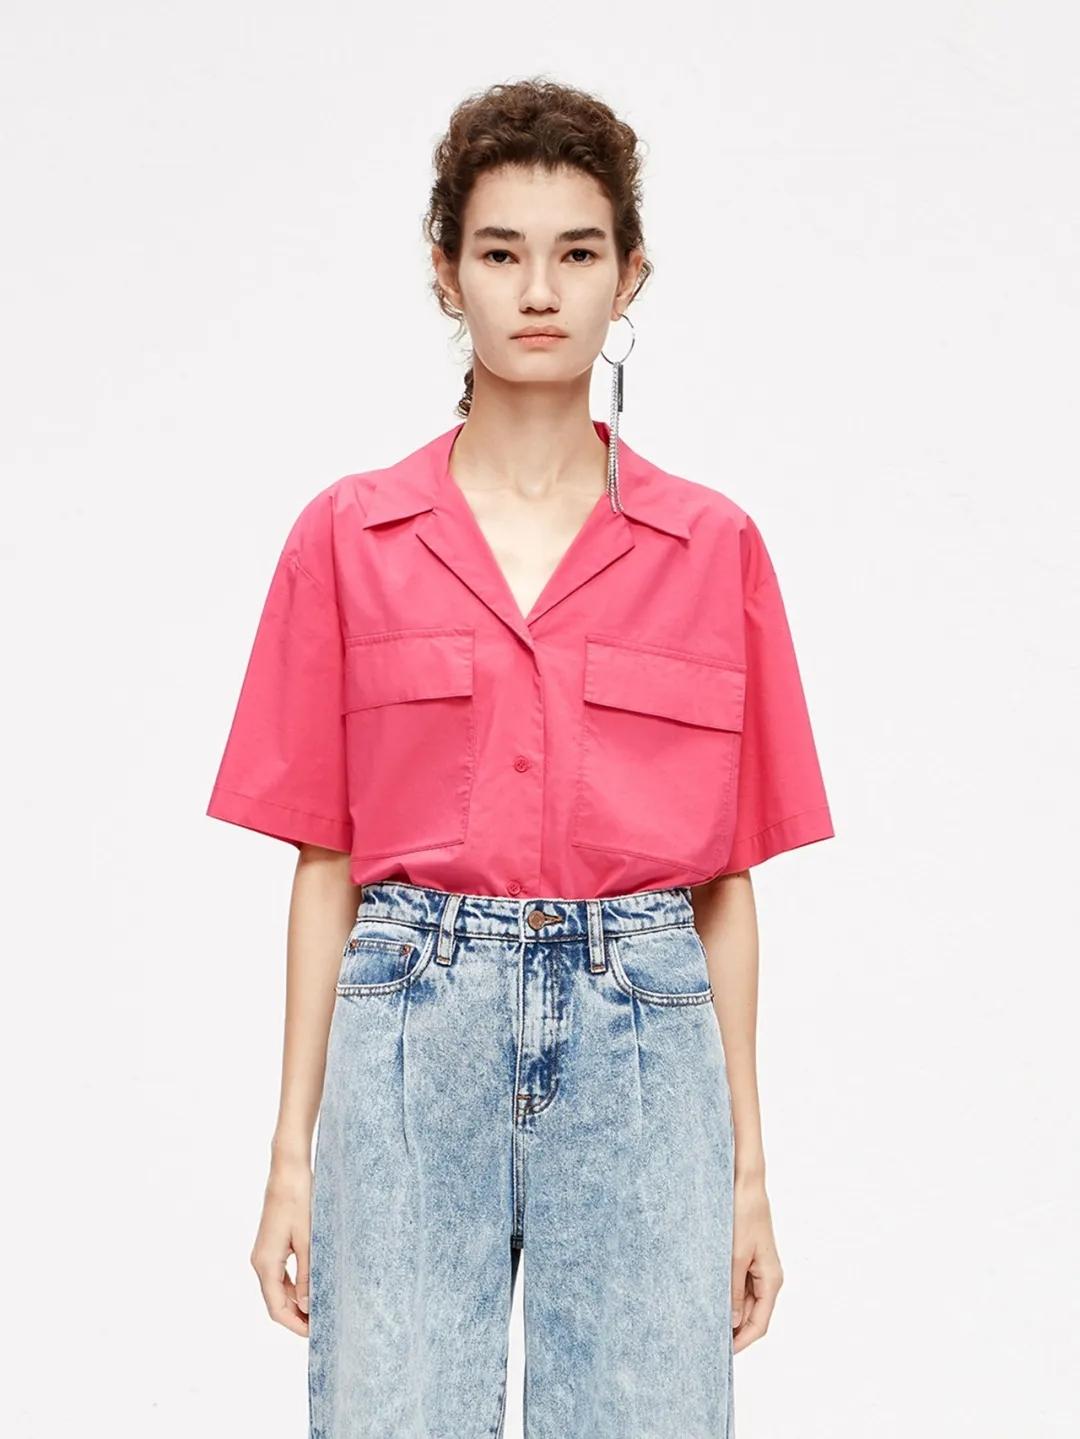 2021春夏中国女装流行趋势 上衣(图43)